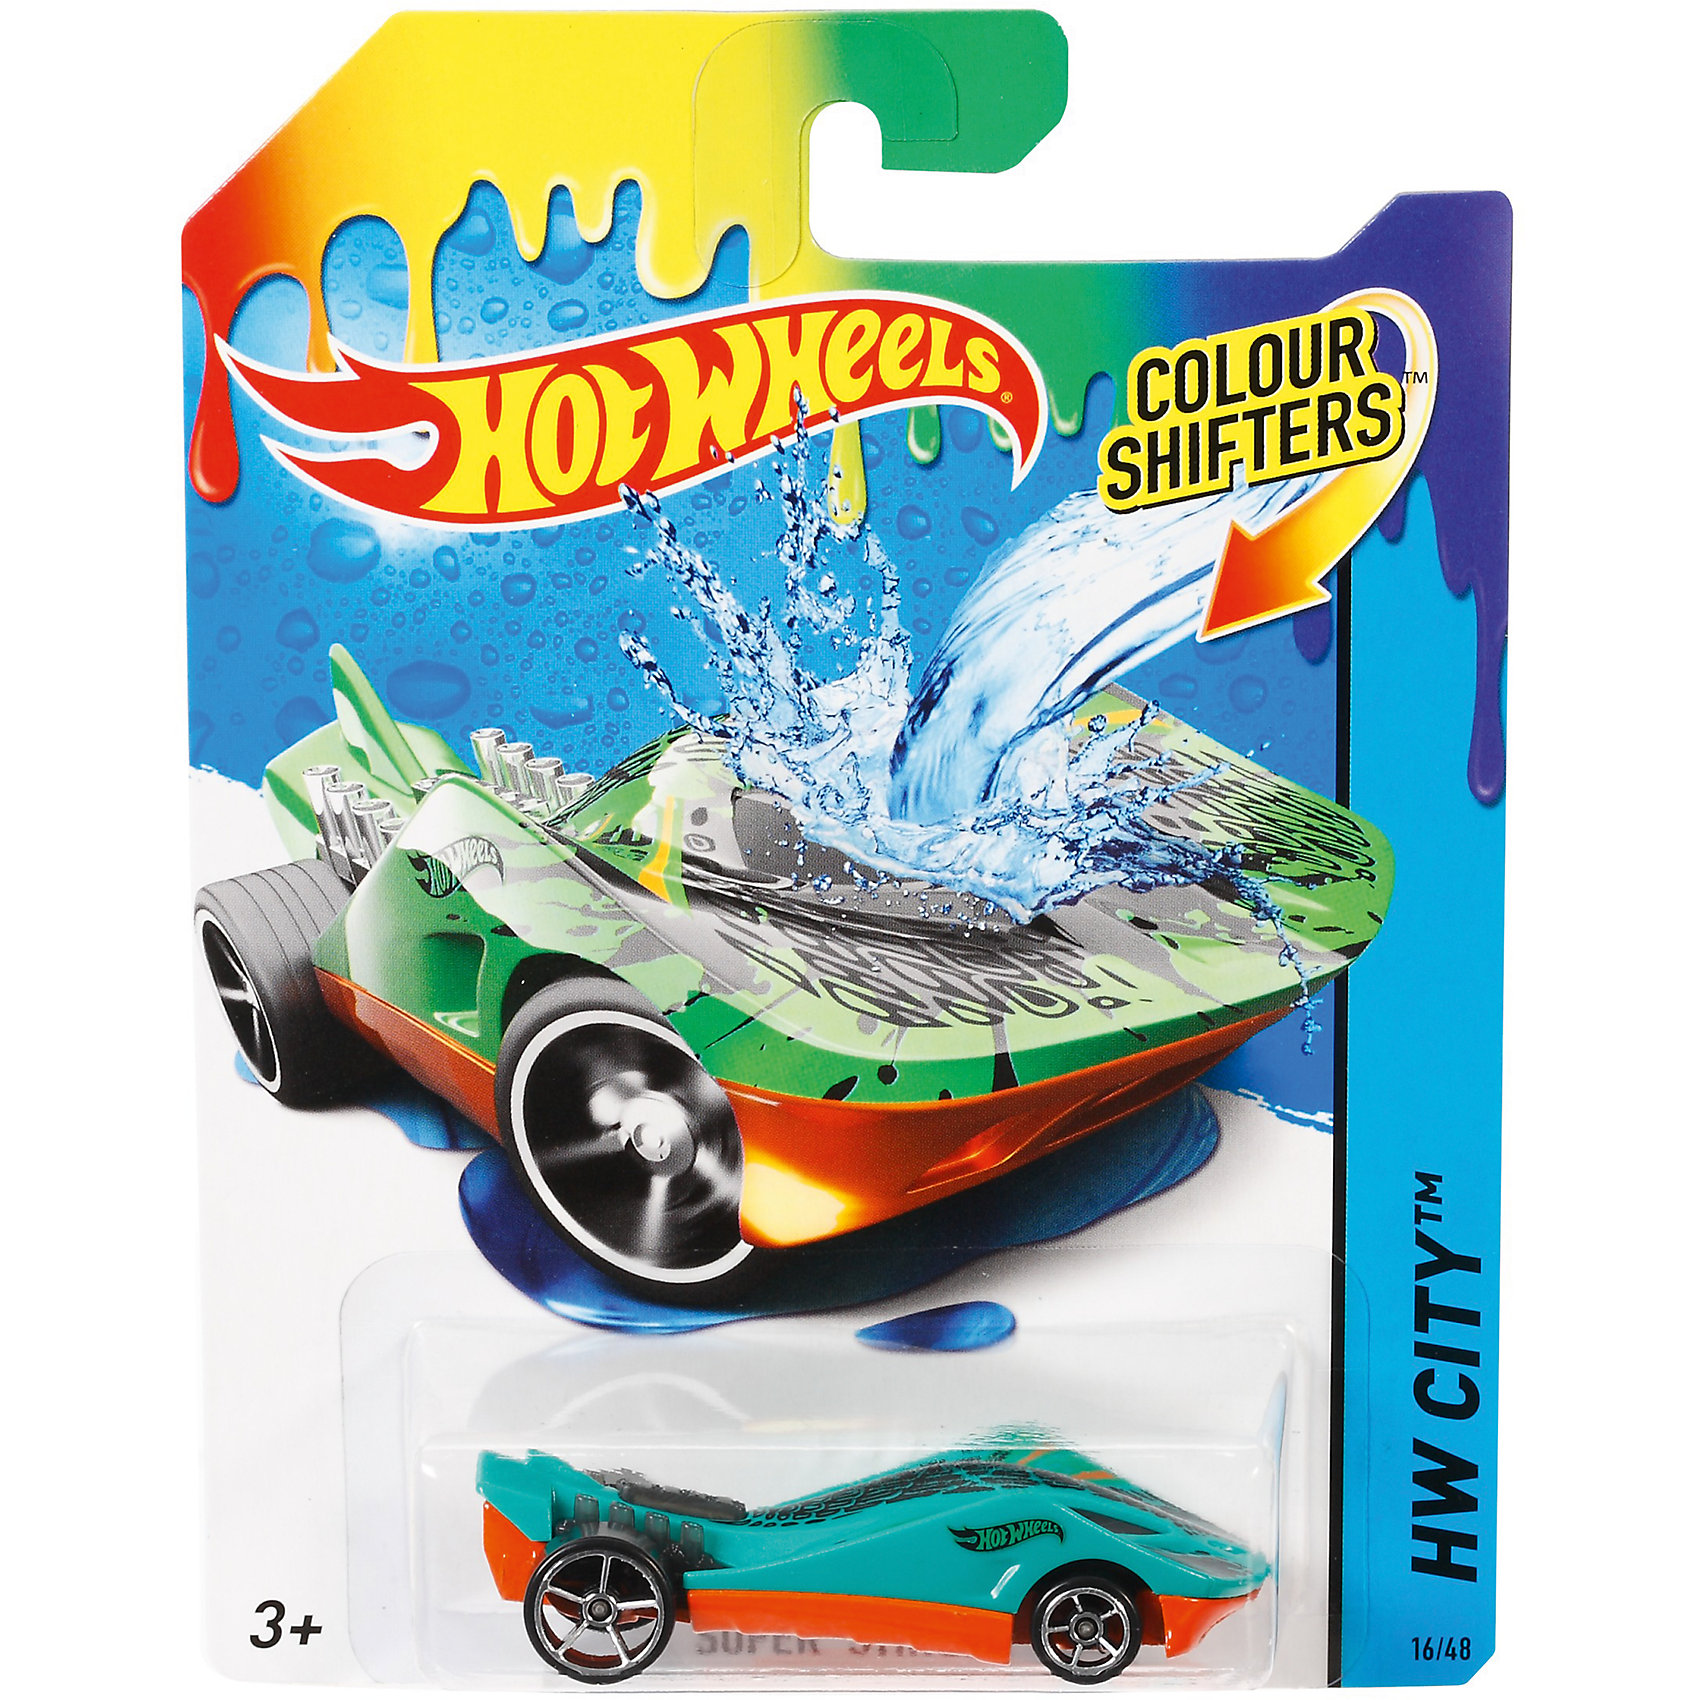 Меняющая цвет машинка COLOR SHIFTERS, Hot WheelsМашинки<br>Такая машинка приведет в восторг всех любителей Hot Wheels! Любимые машинки не только быстро ездят, они могут менять цвет при попадании в воду! Все очень просто: теплая вода меняет цвет вашего автомобиля, и ледяная вода возвращает его обратно. Собери все машинки и устрой настоящие гонки! <br><br>Дополнительная информация<br><br>- Материал: пластик, металл.<br>- Размер упаковки: 12 х 11 х 3 см.<br><br>Меняющую цвет машинку COLOR SHIFTERS, Hot Wheels (Хот вилс), можно купить в нашем магазине.<br><br>Ширина мм: 166<br>Глубина мм: 126<br>Высота мм: 32<br>Вес г: 47<br>Возраст от месяцев: 36<br>Возраст до месяцев: 84<br>Пол: Мужской<br>Возраст: Детский<br>SKU: 5562977